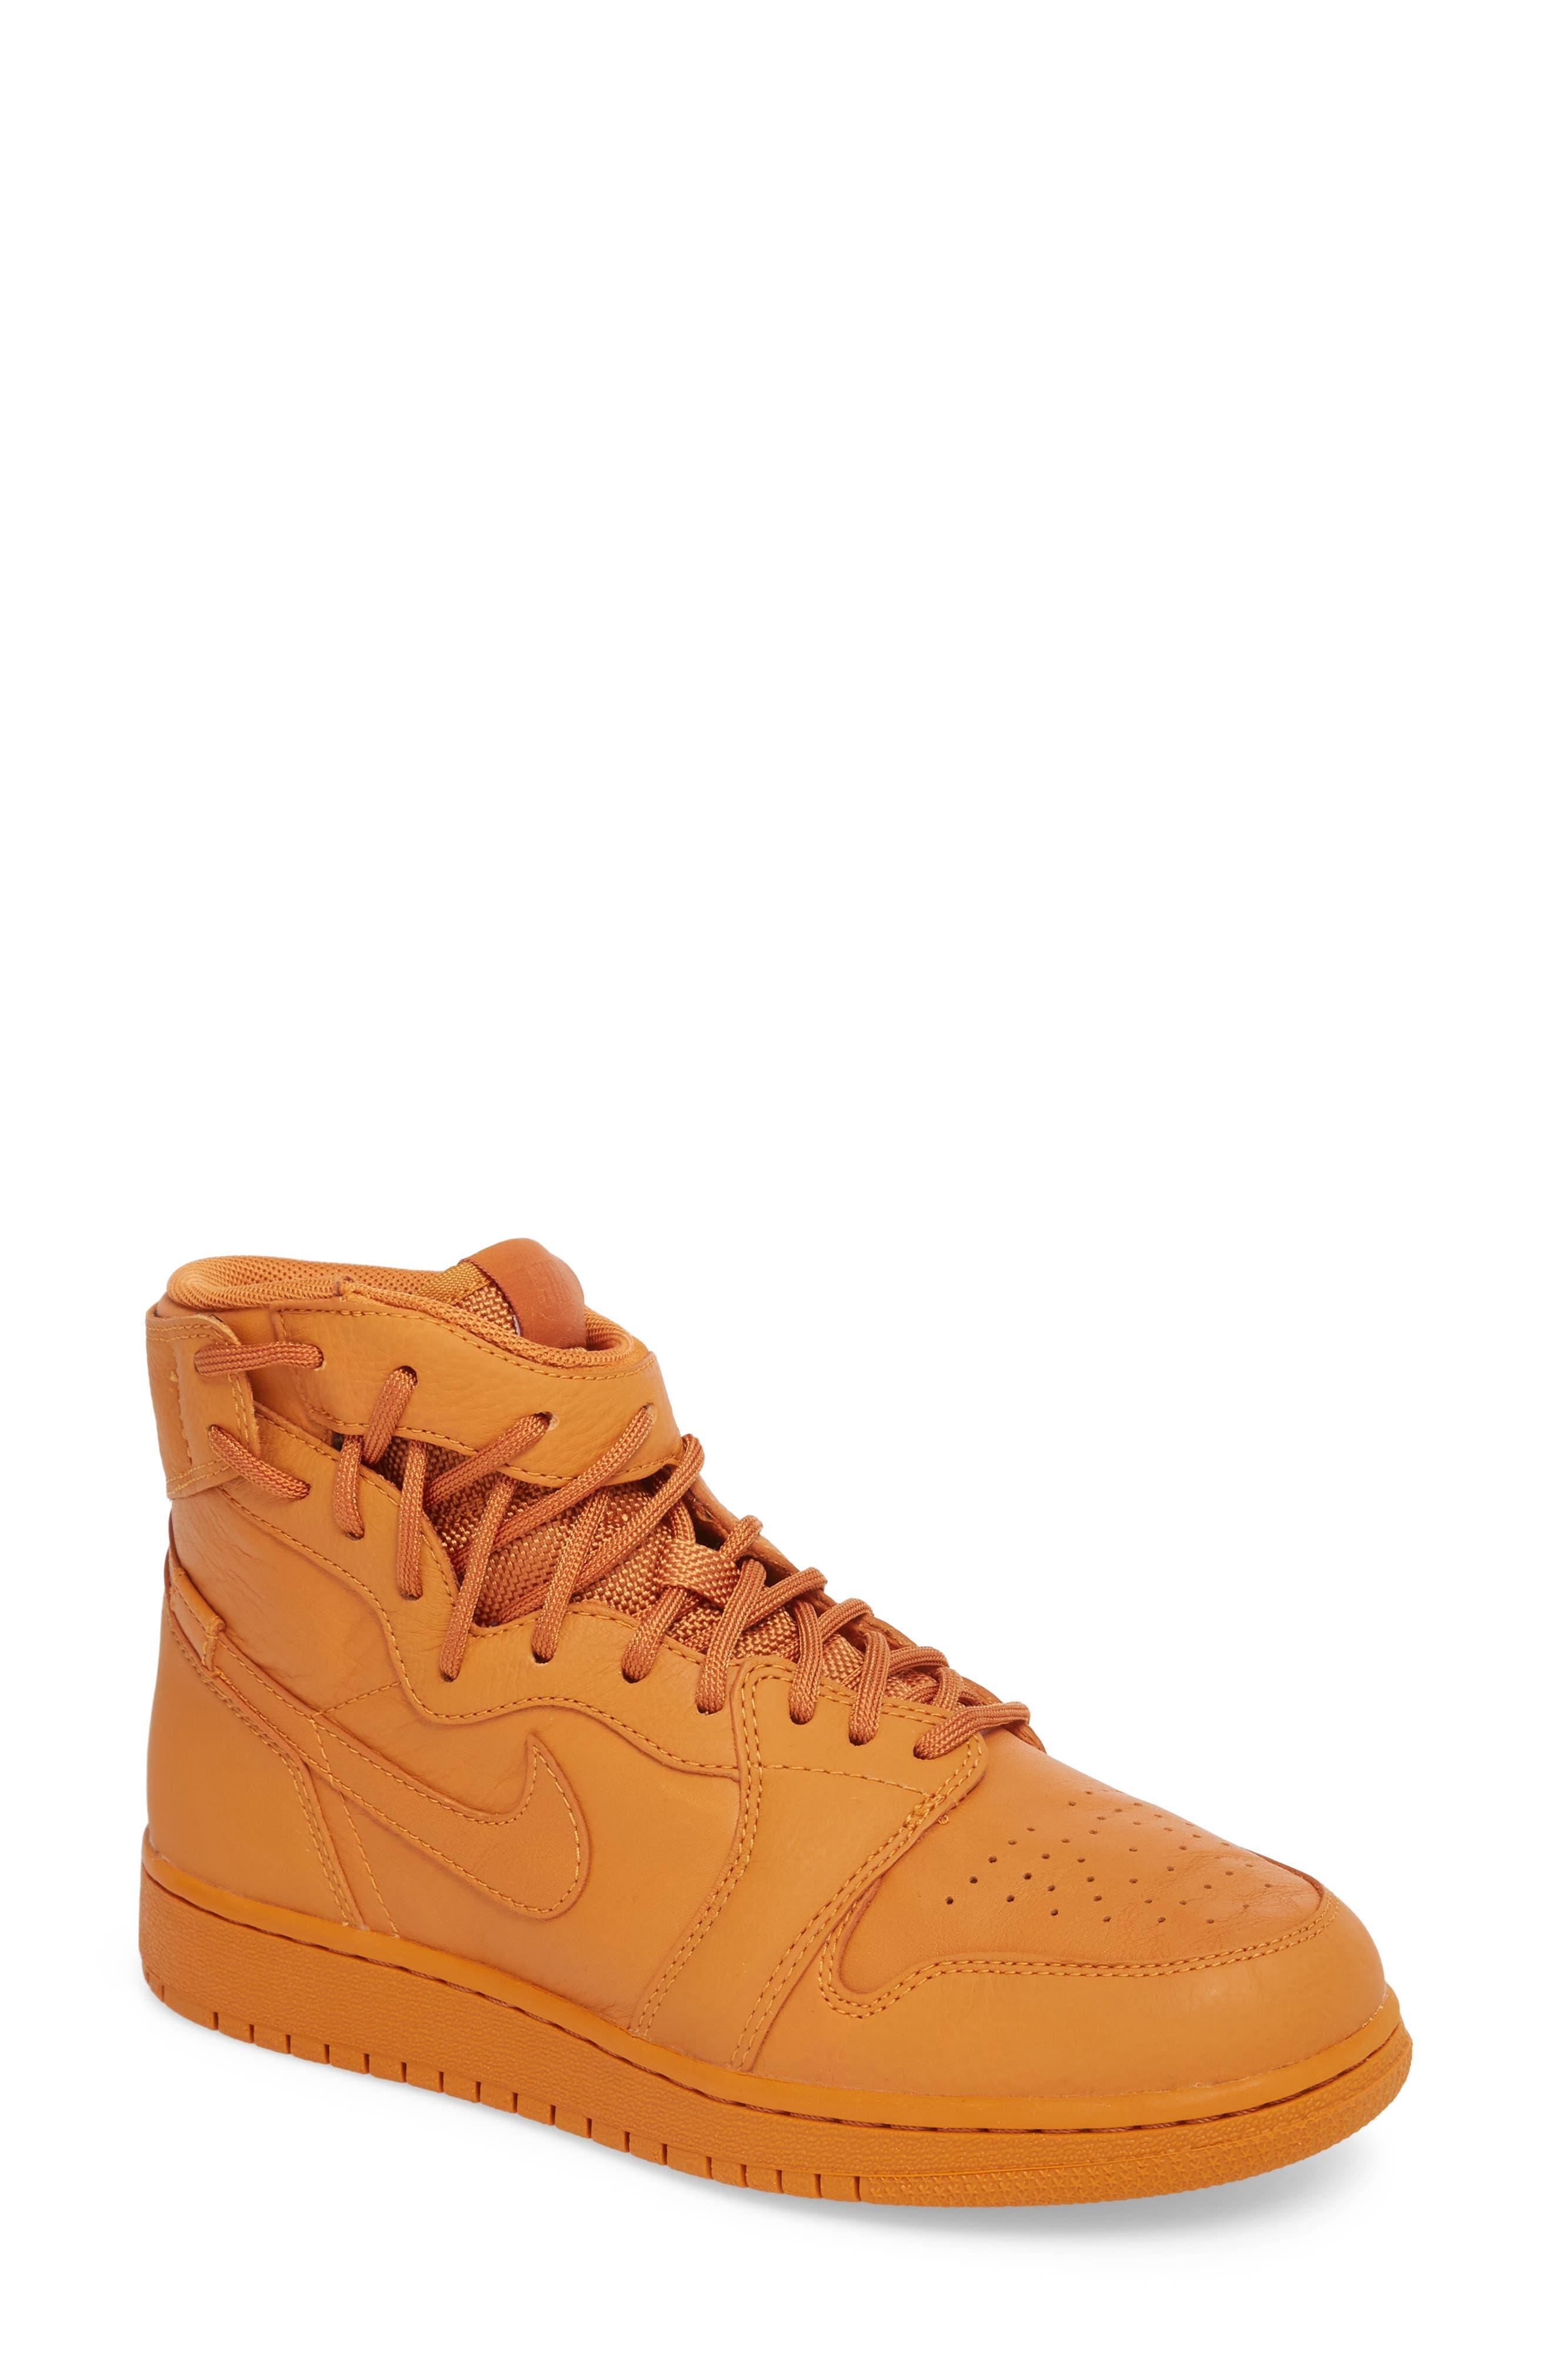 Air Jordan 1 Rebel XX High Top Sneaker,                         Main,                         color, Cinder Orange